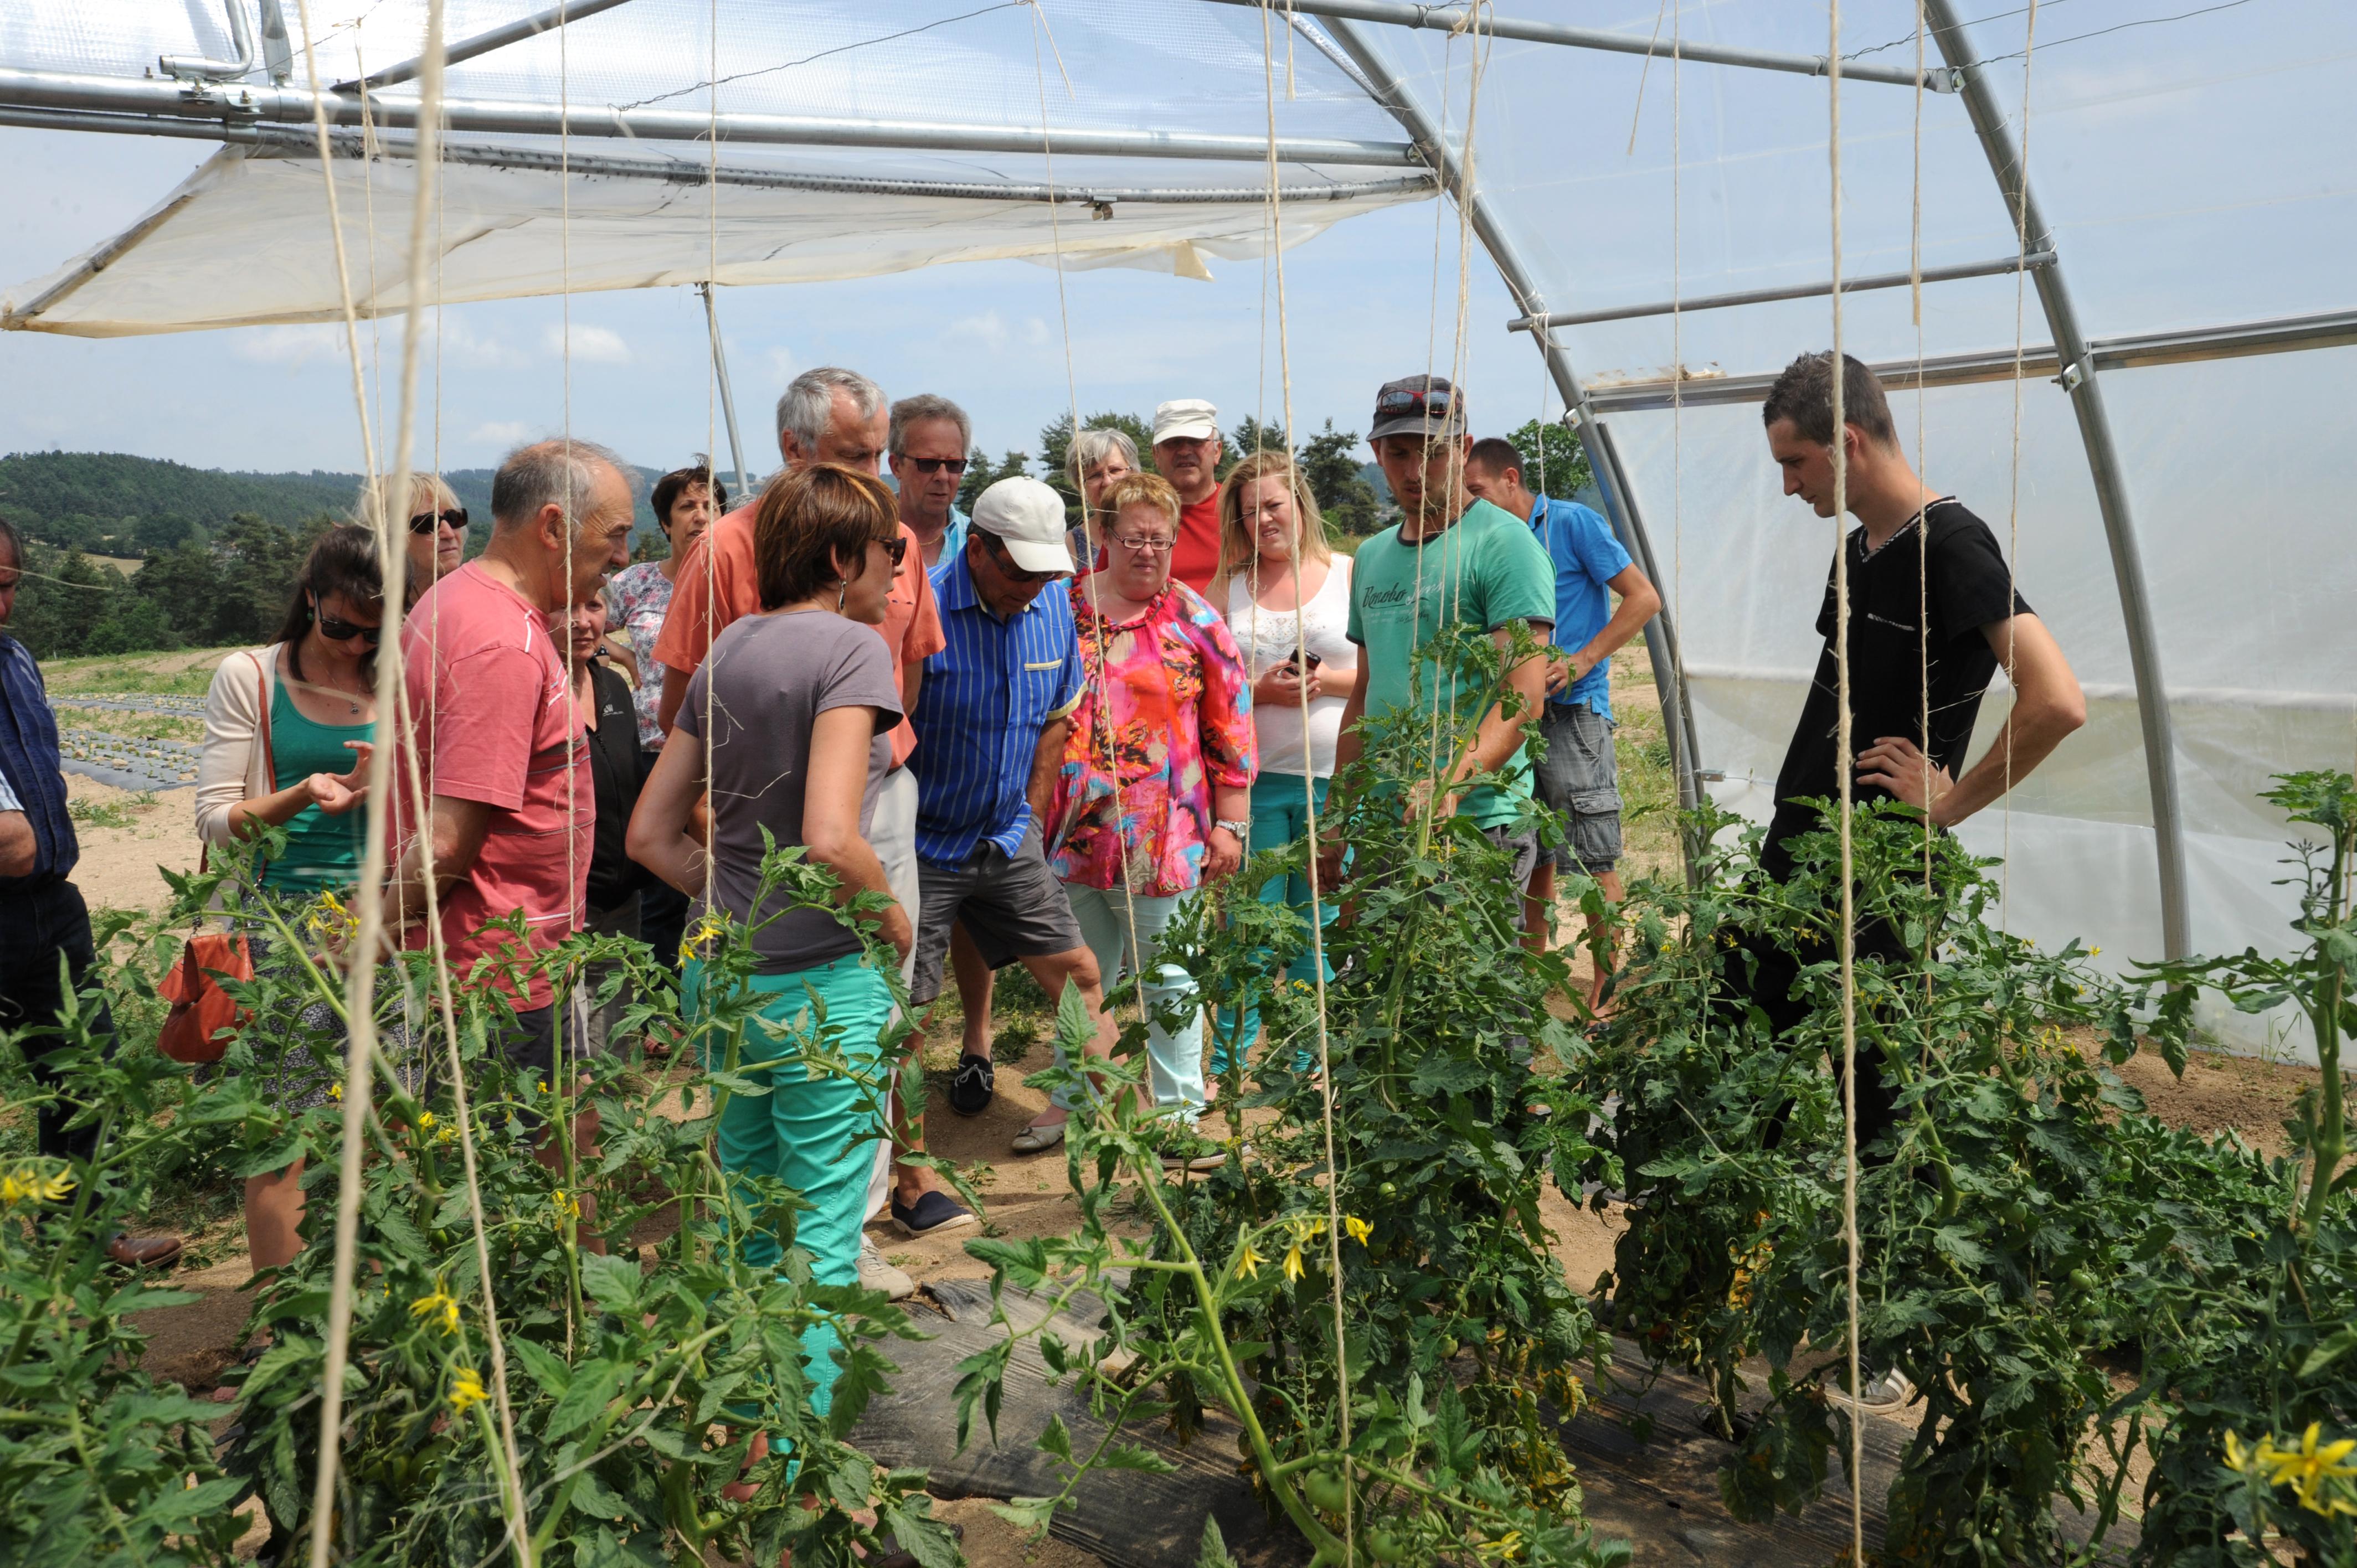 Les jardins de cocagne un lieu une association deux for Les jardins de cocagne